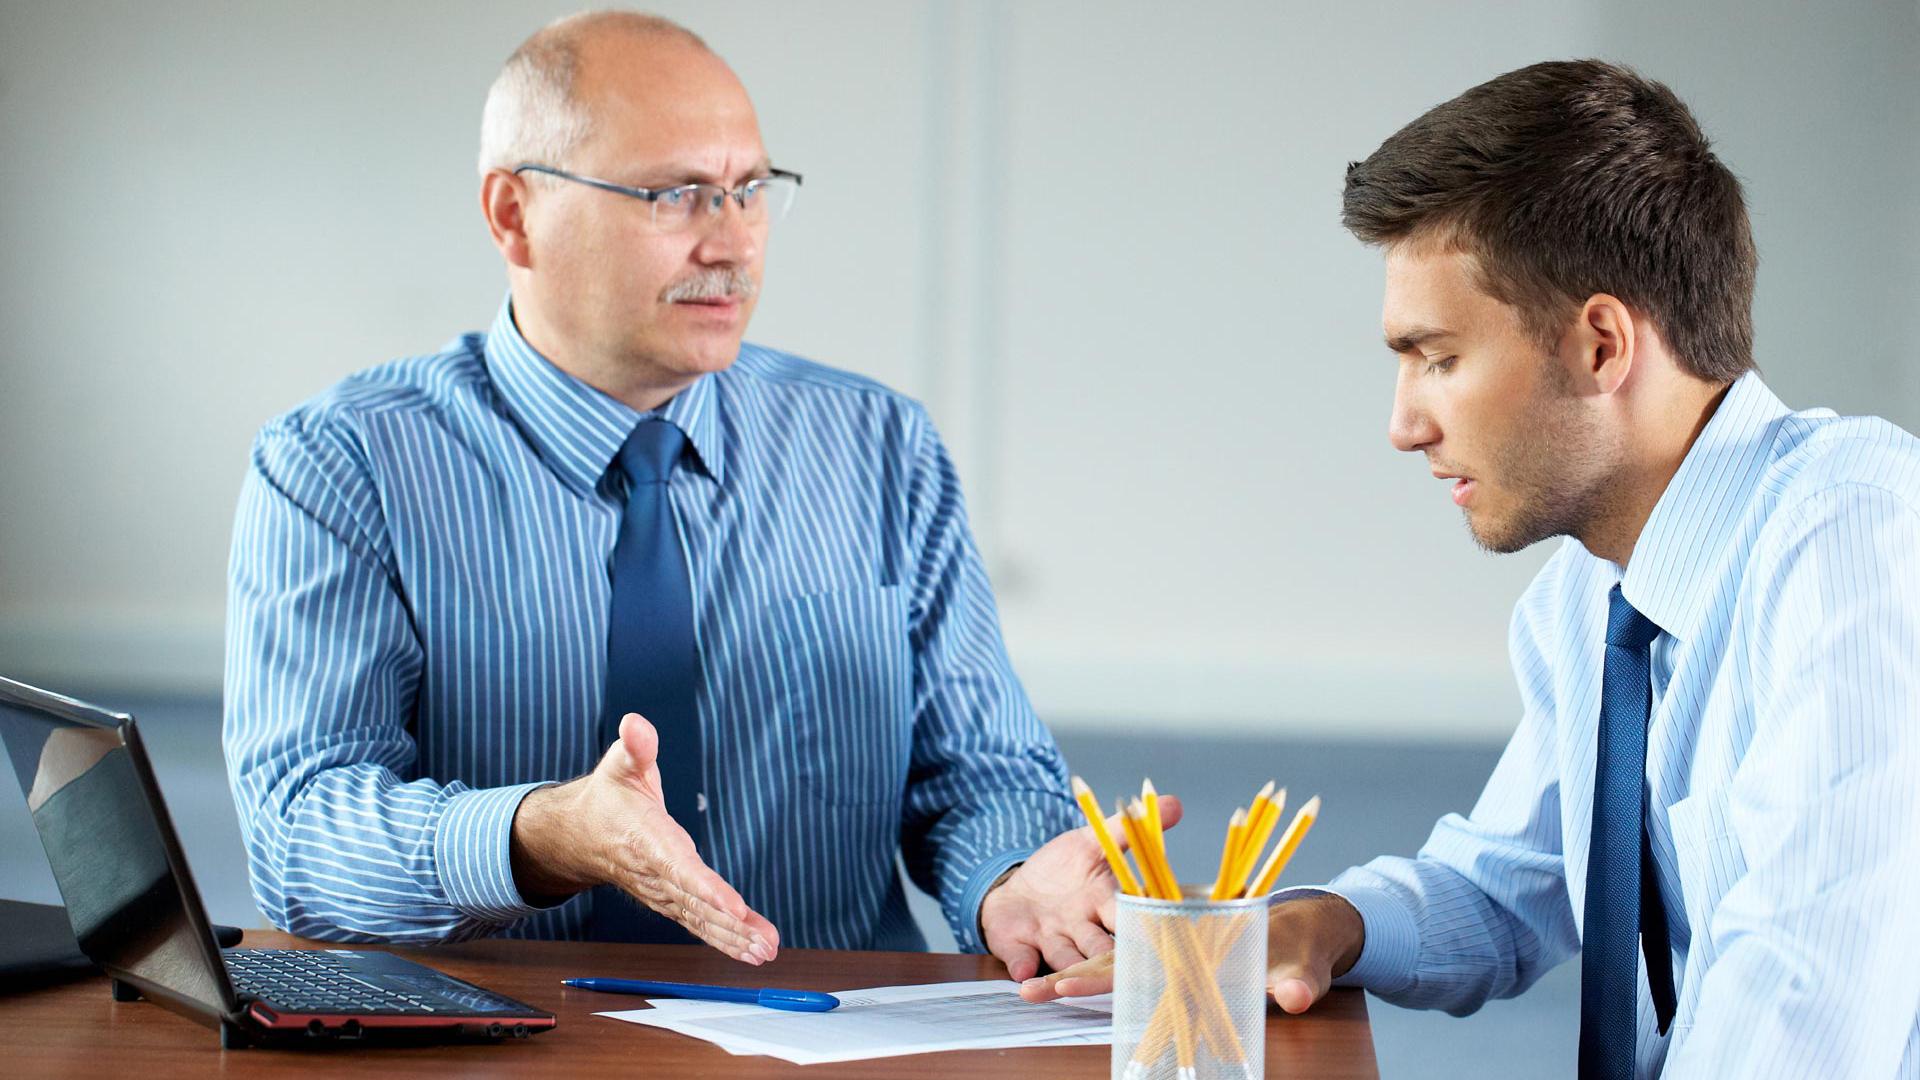 В трудовом кодексе нет конкретного перечня ситуаций, за которые можно применять замечание или выговор. Следует ориентироваться только на перечень обязанностей сотрудника прописанных в документах, подписанных при трудоустройстве. И применять дисциплинарное наказание, если работник их не выполняет и работодателя это не устраивает.